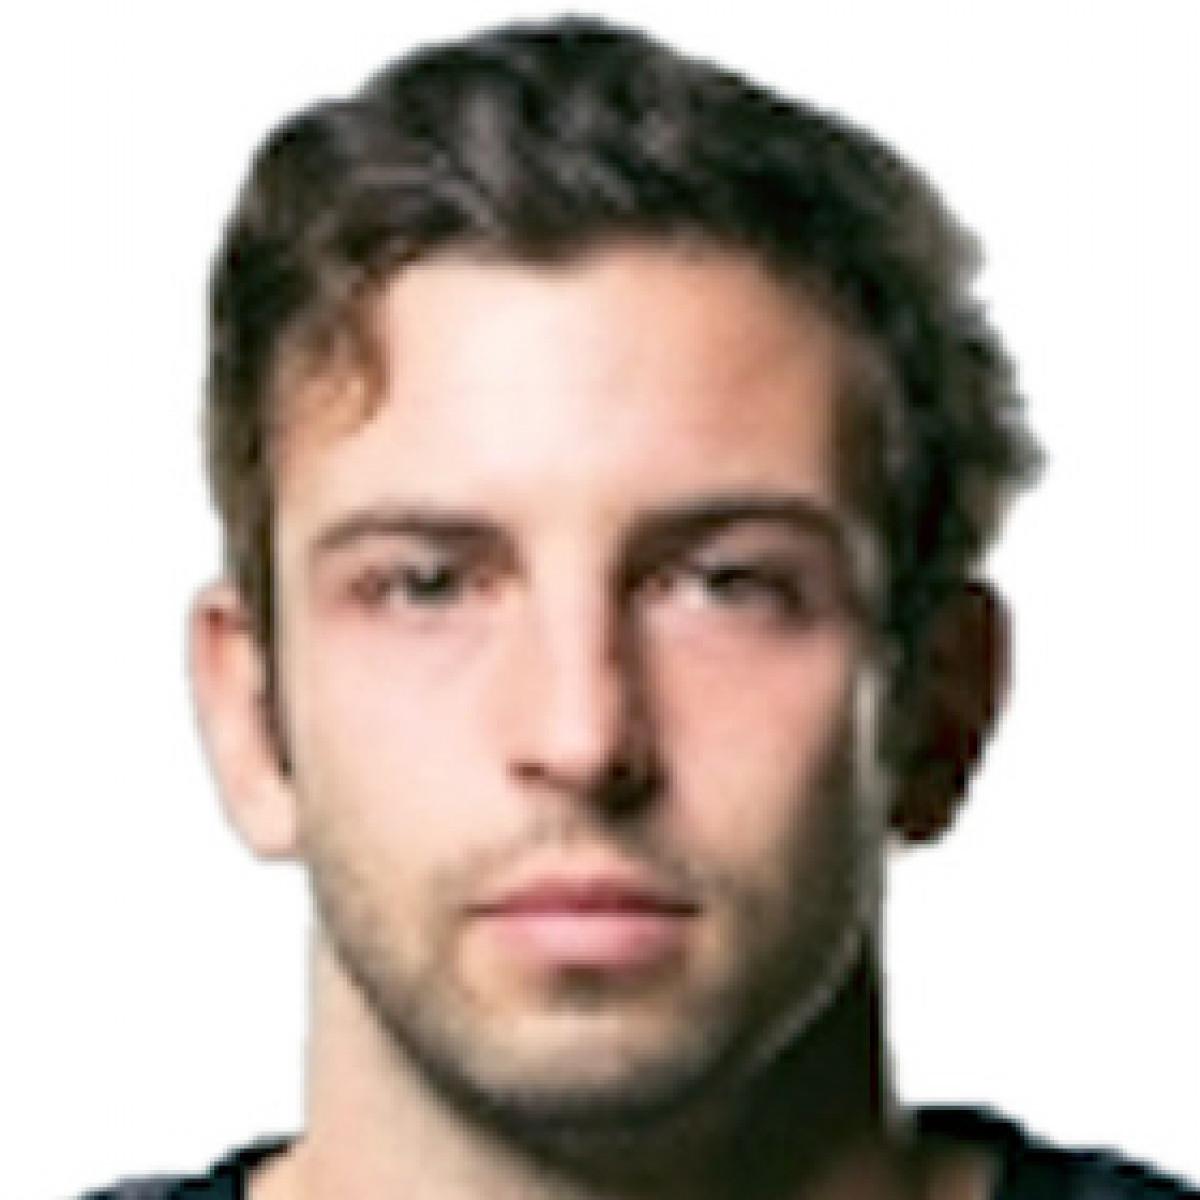 Sergio Llorente